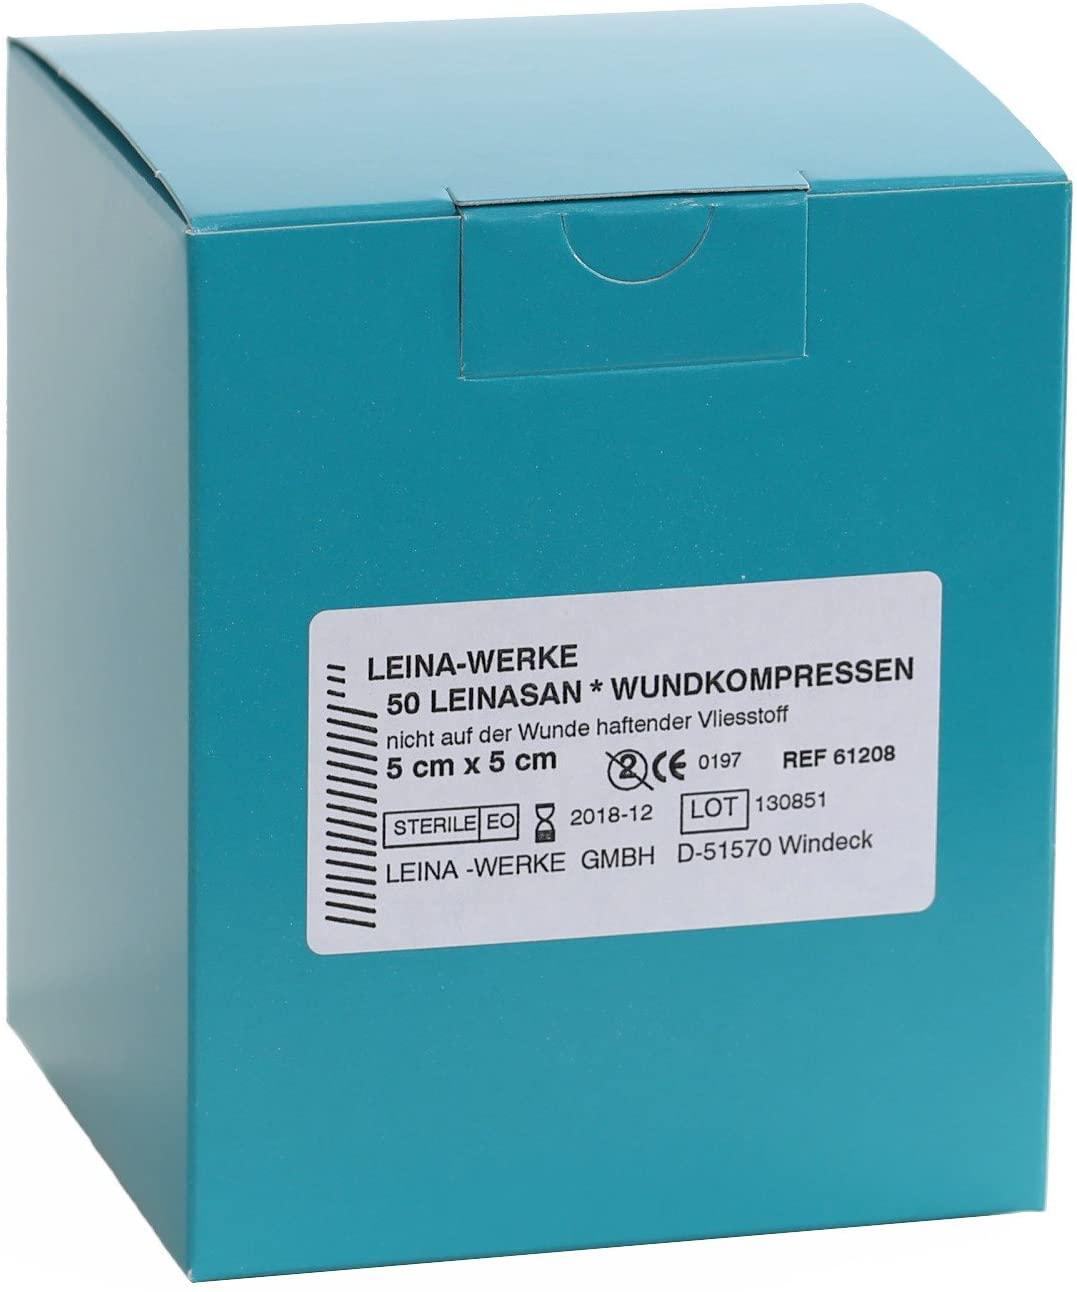 Wundkompresse (50 Stück) 5 x 5 cm, einzeln steril verpackt